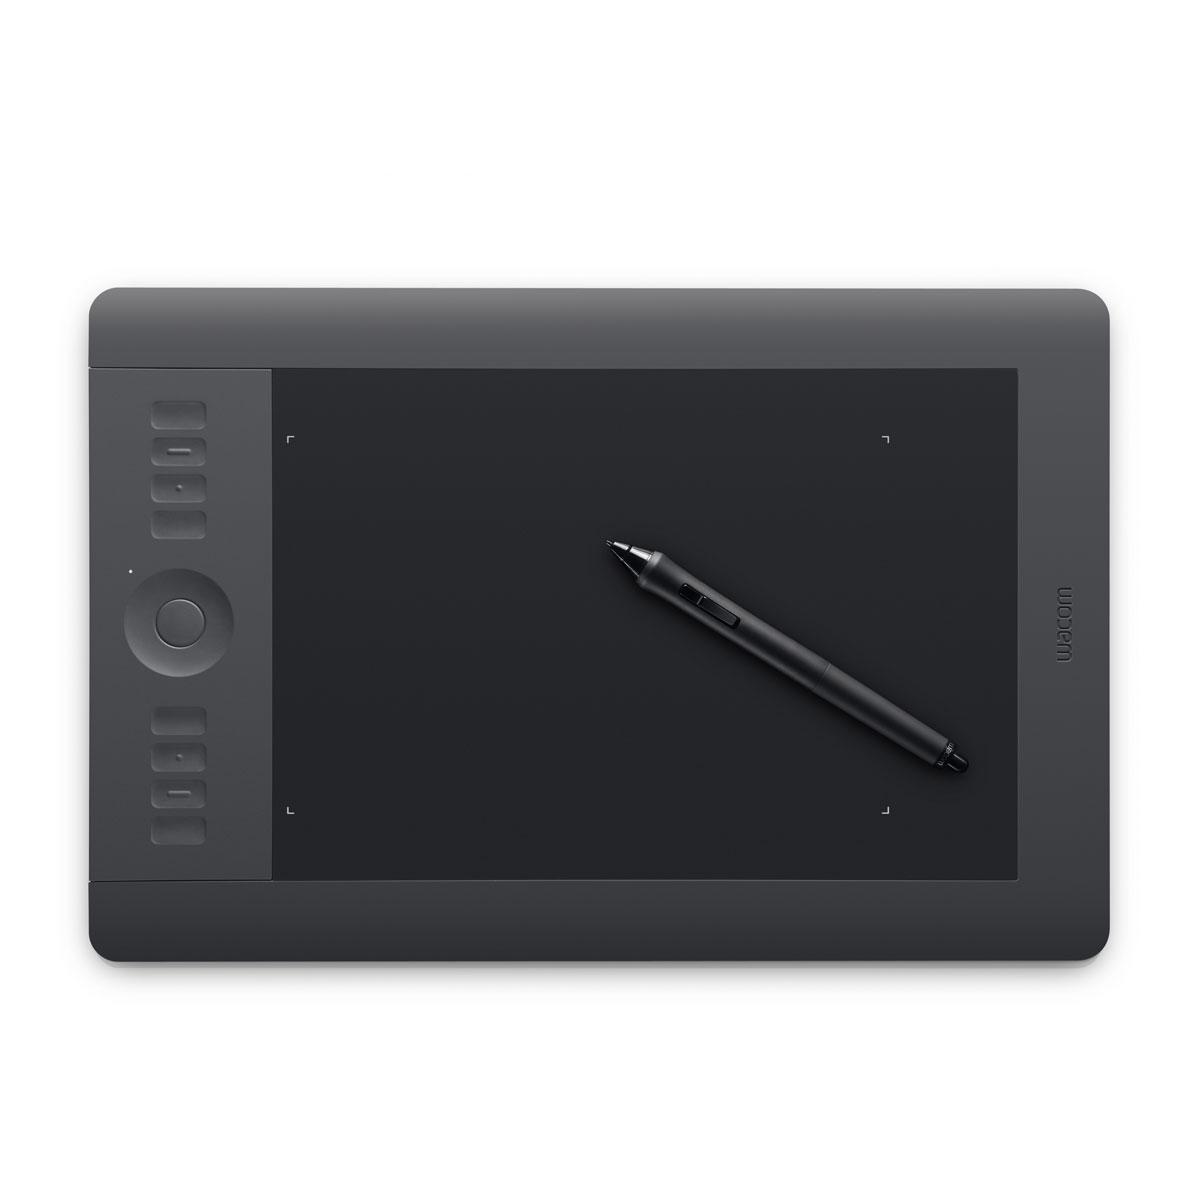 wacom intuos 5 m ptk 650 fr achat vente tablette graphique sur. Black Bedroom Furniture Sets. Home Design Ideas